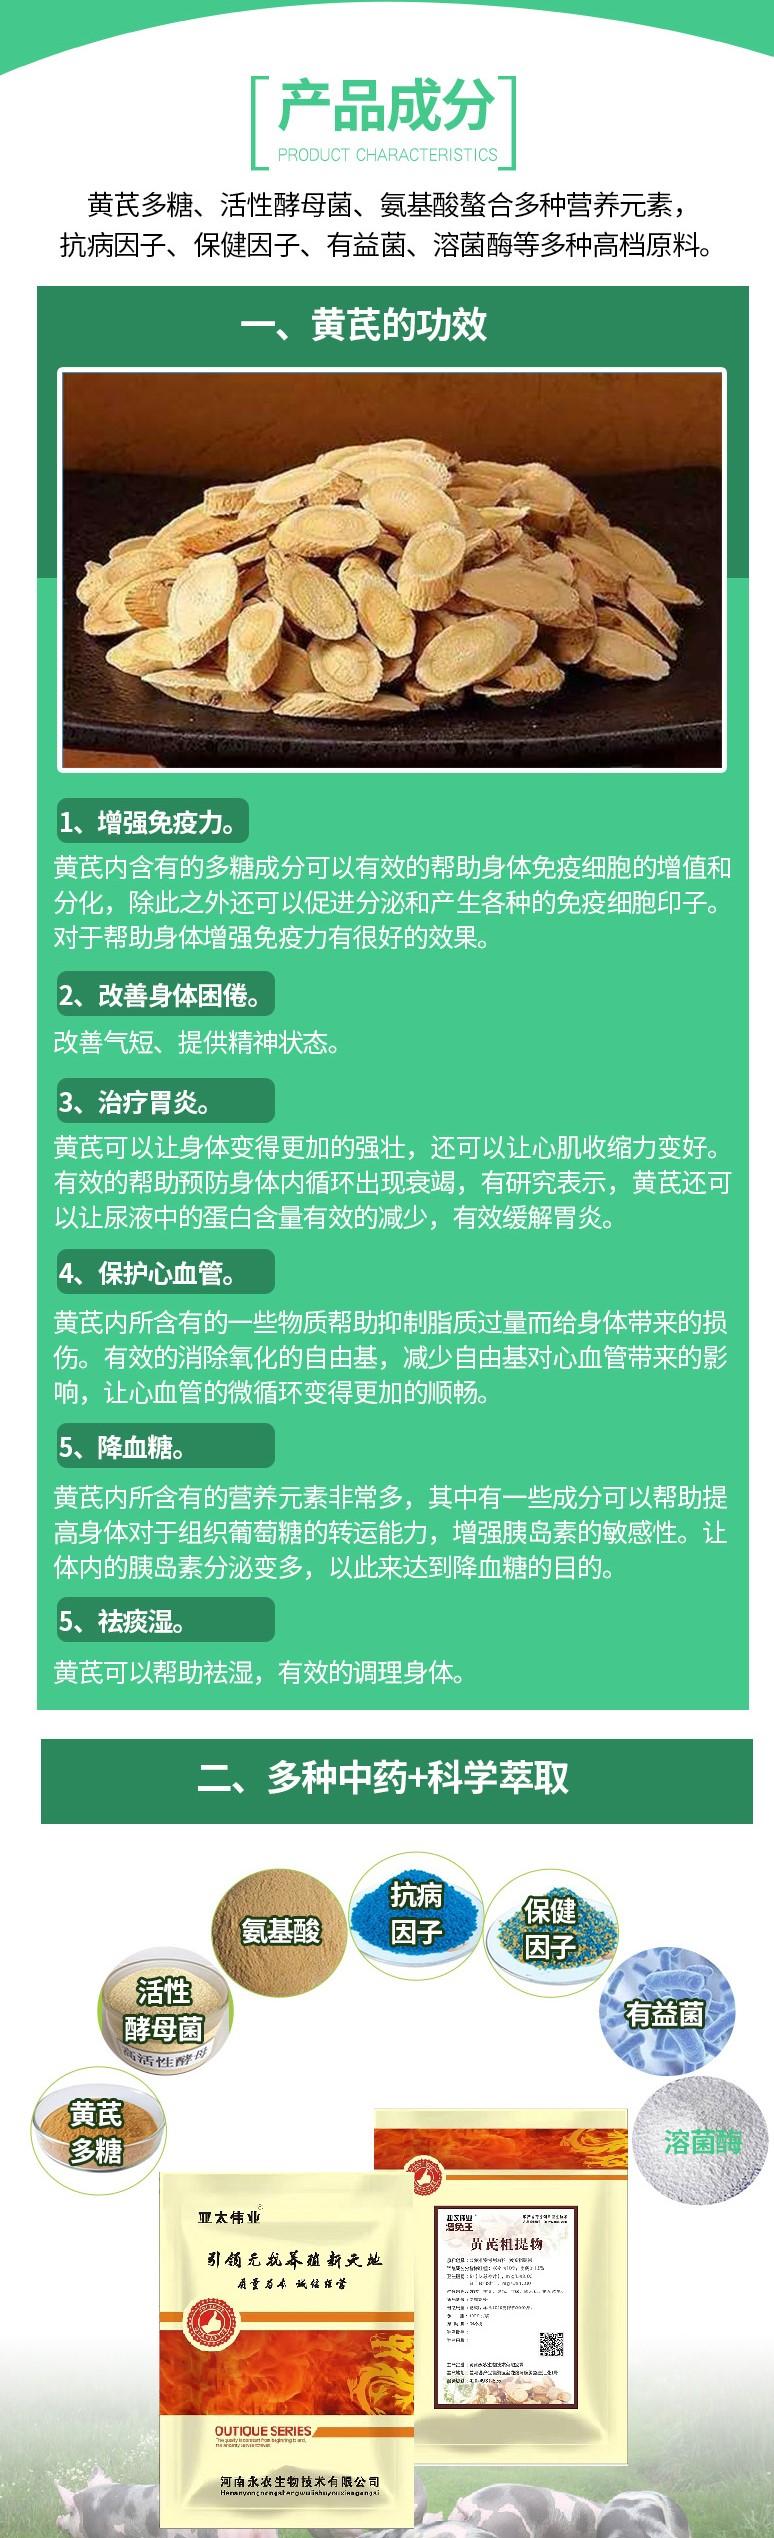 增免王详情页_04-1.jpg